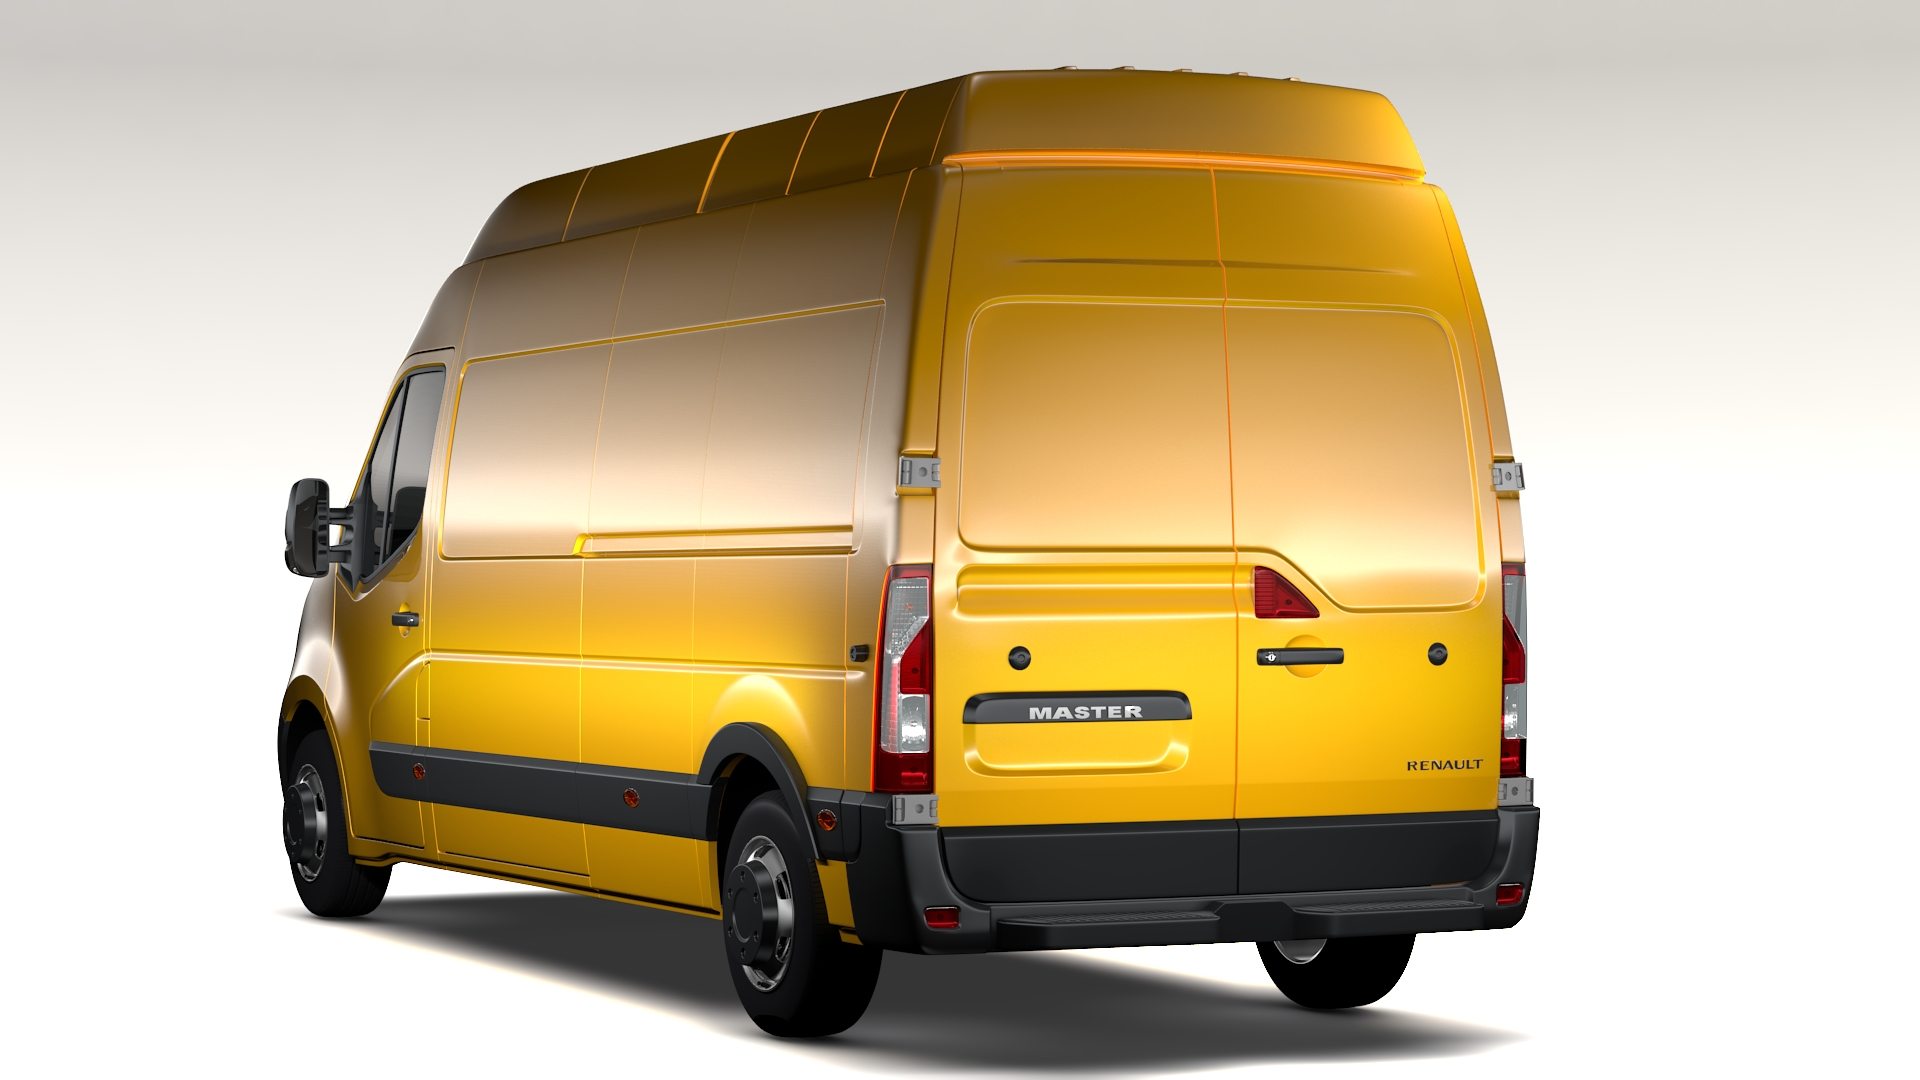 renault master l3h3 van 2010 3d model buy renault master. Black Bedroom Furniture Sets. Home Design Ideas